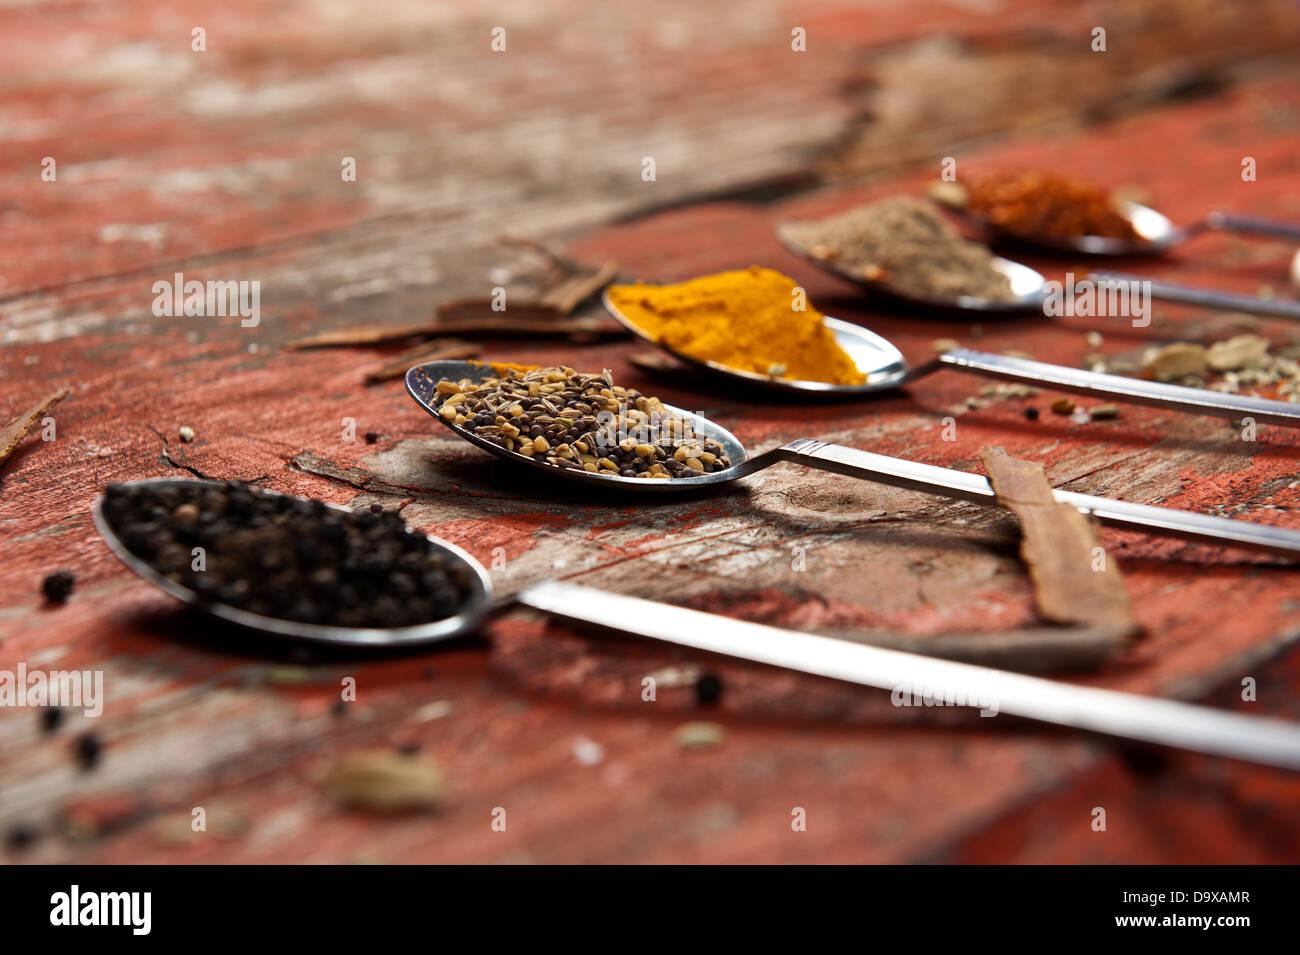 Cucharas de mesa colmado de diferentes especias sobre una superficie de madera con textura de color naranja. Utilización Foto de stock